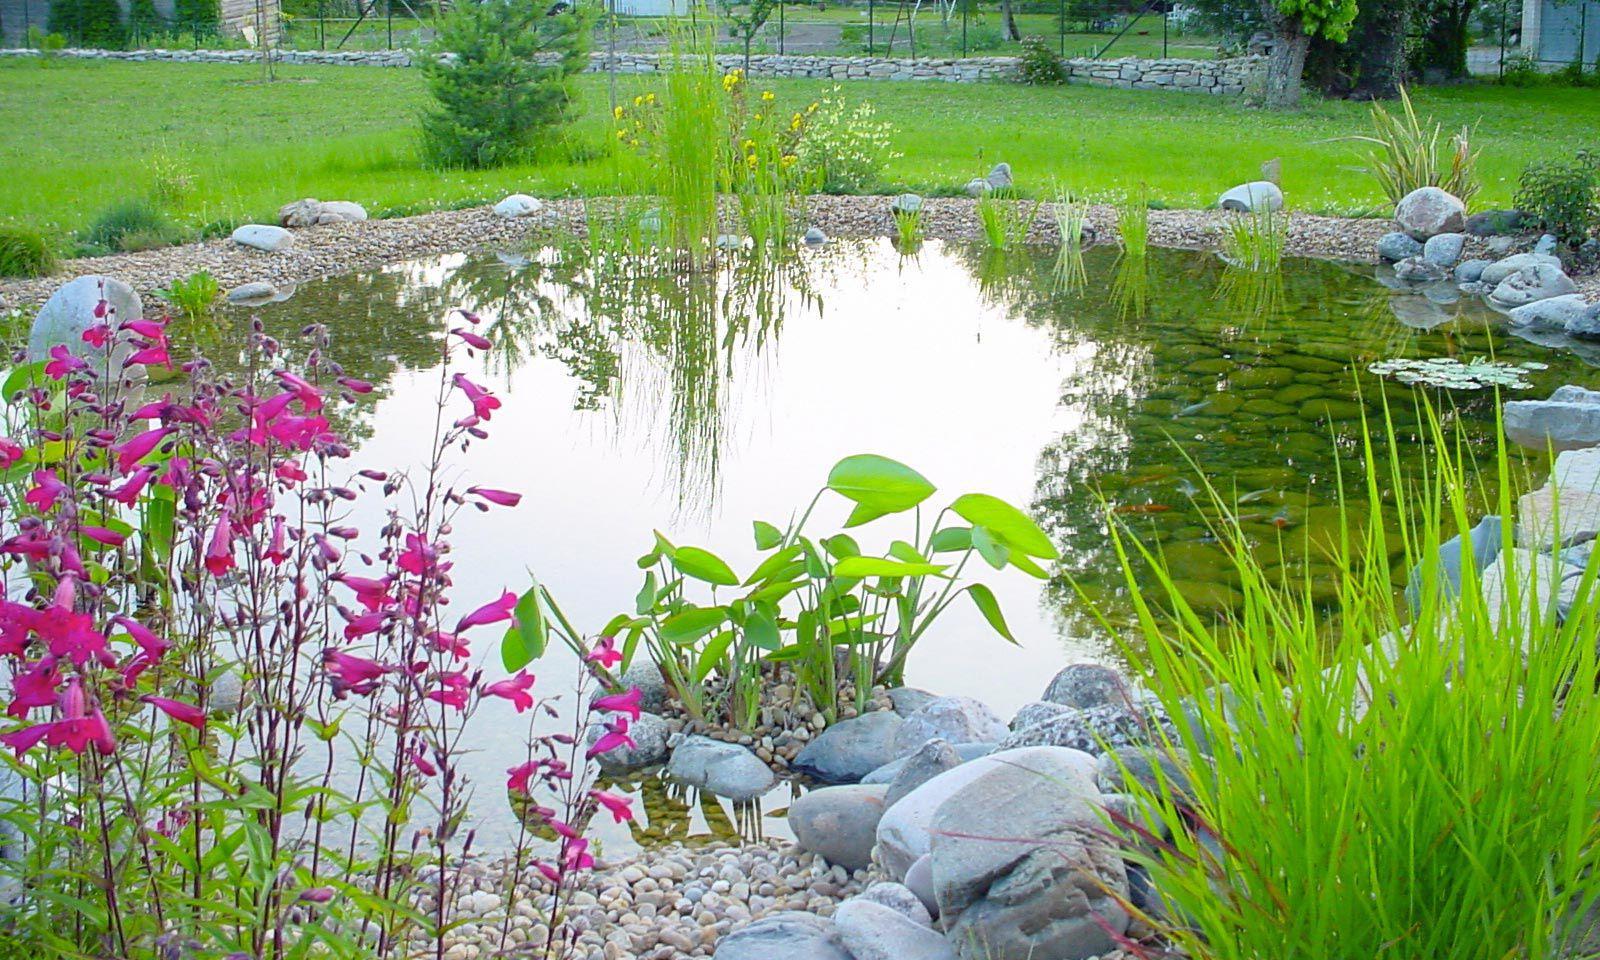 Bassin De Jardin En Pierre - 2/15 - By Olivier Clavel destiné Bassin De Jardin En Pierre